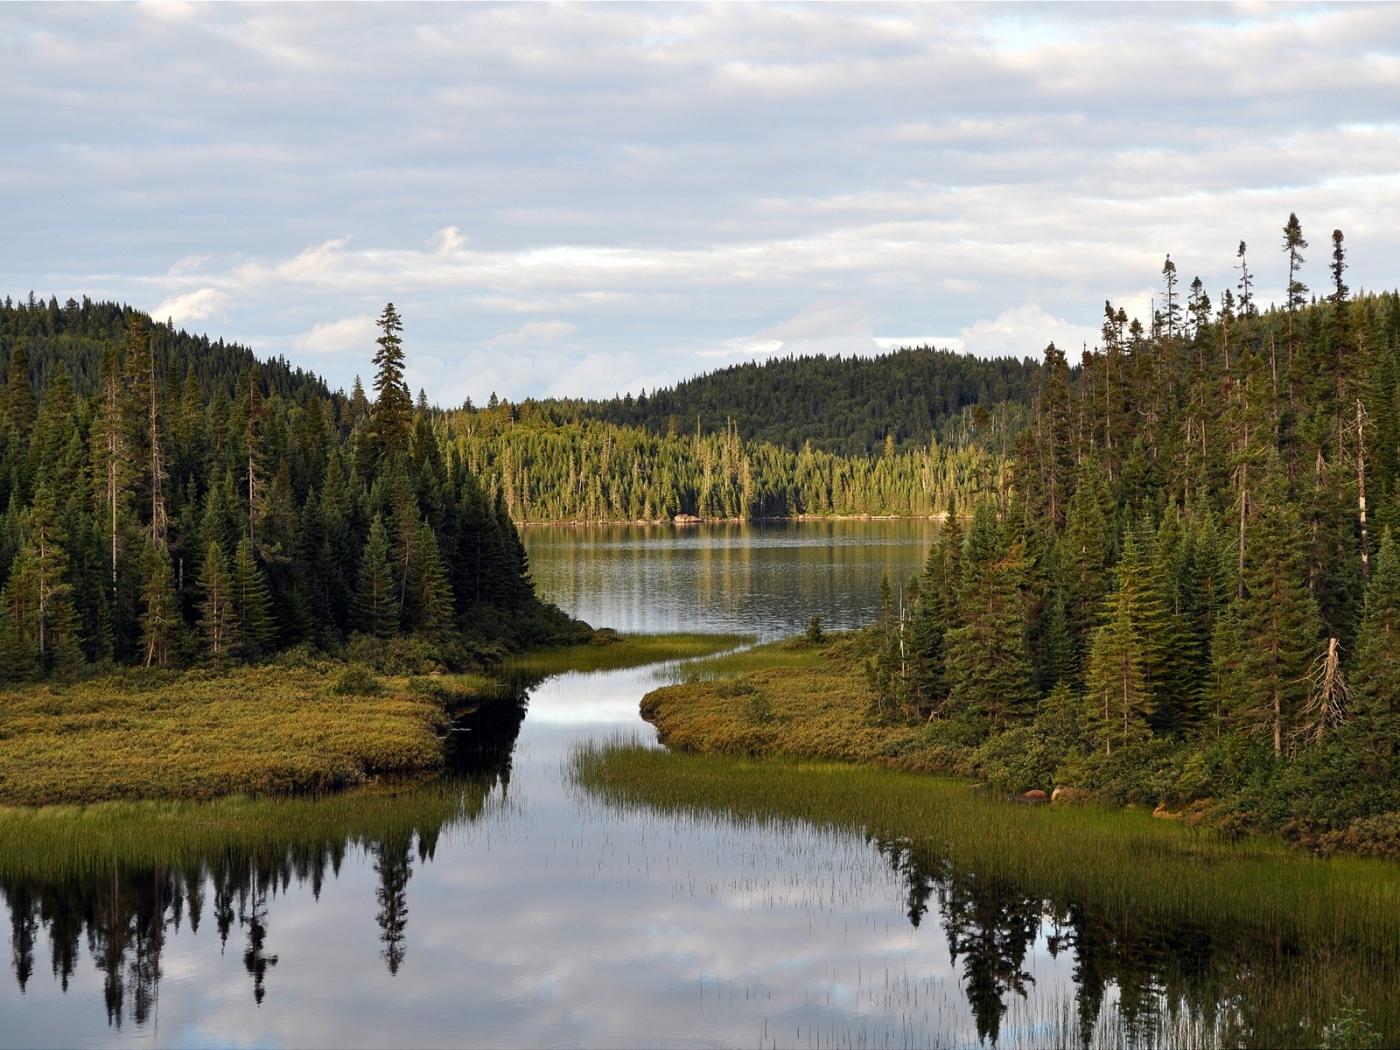 25604 скачать обои Пейзаж, Река, Деревья - заставки и картинки бесплатно